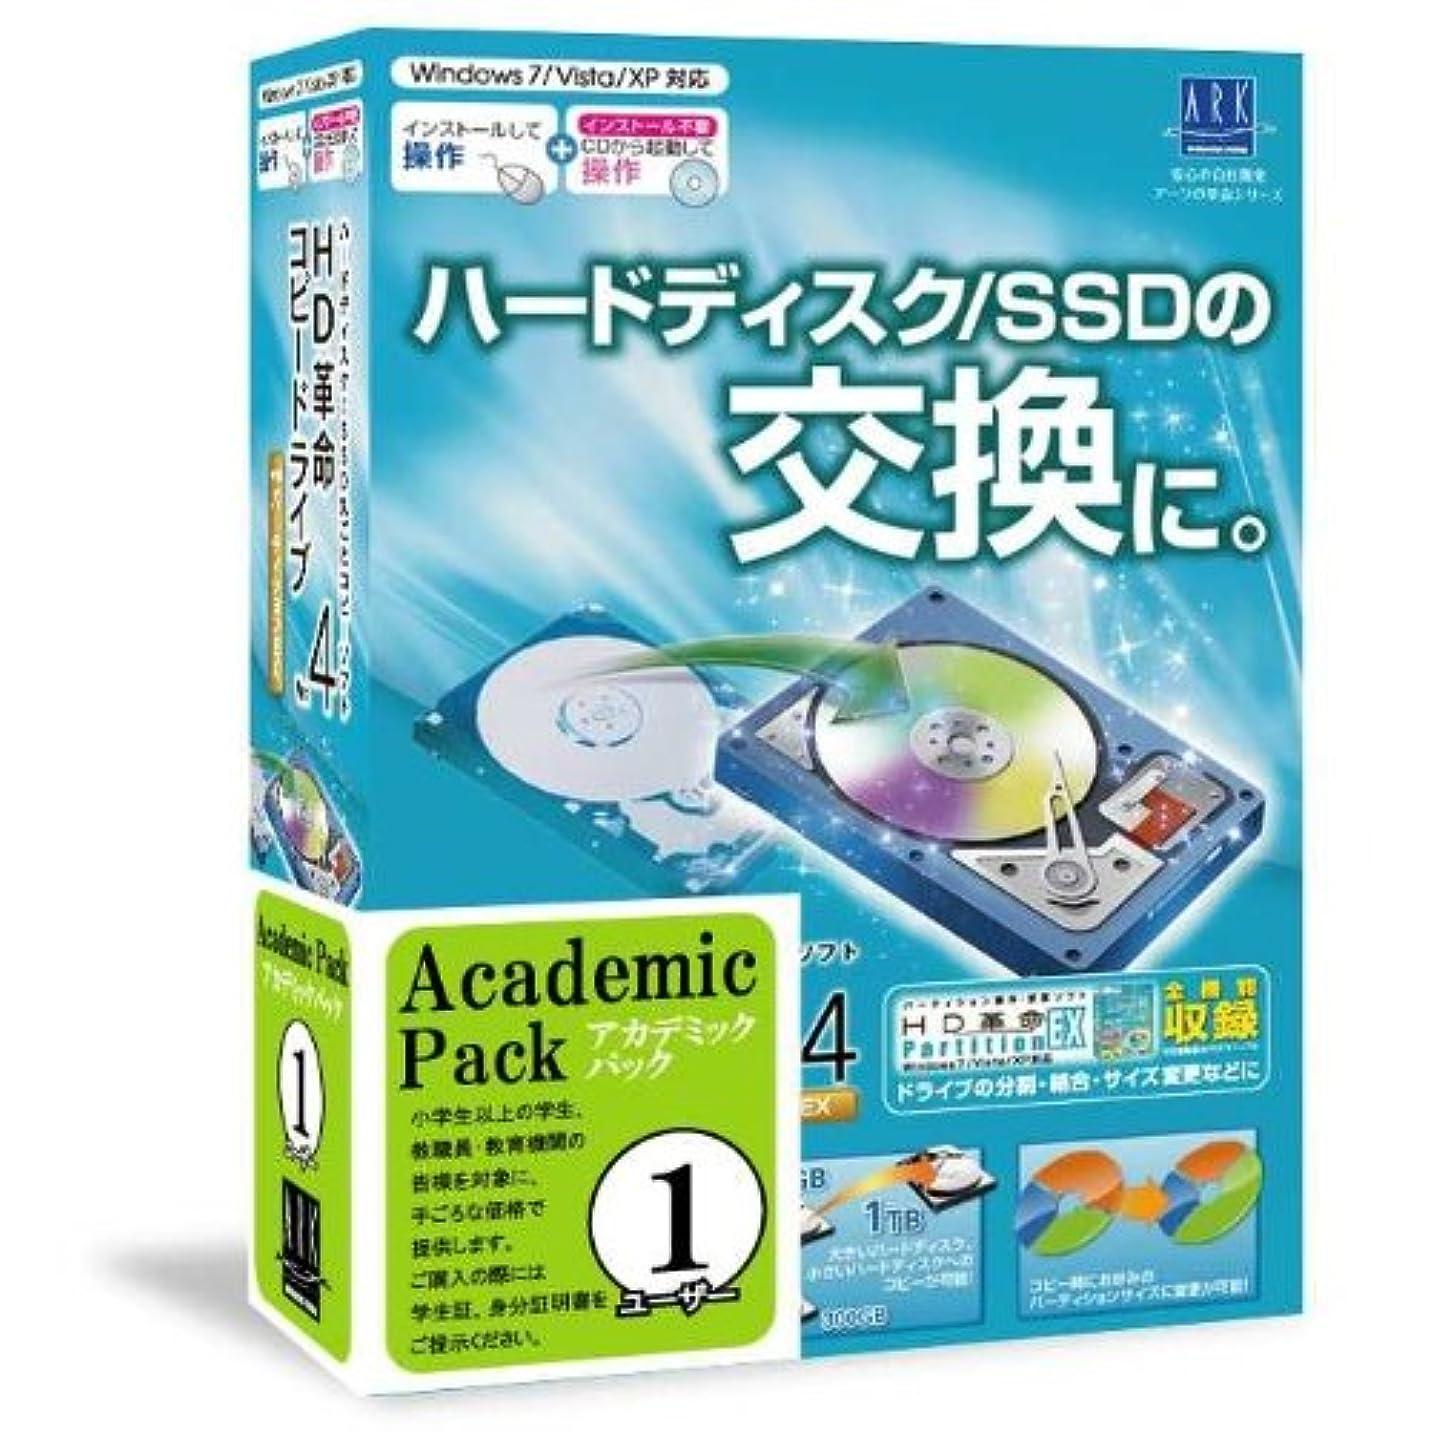 撤退寛大さ気体のHD革命/CopyDrive Ver.4 with Partition EX アカデミック版